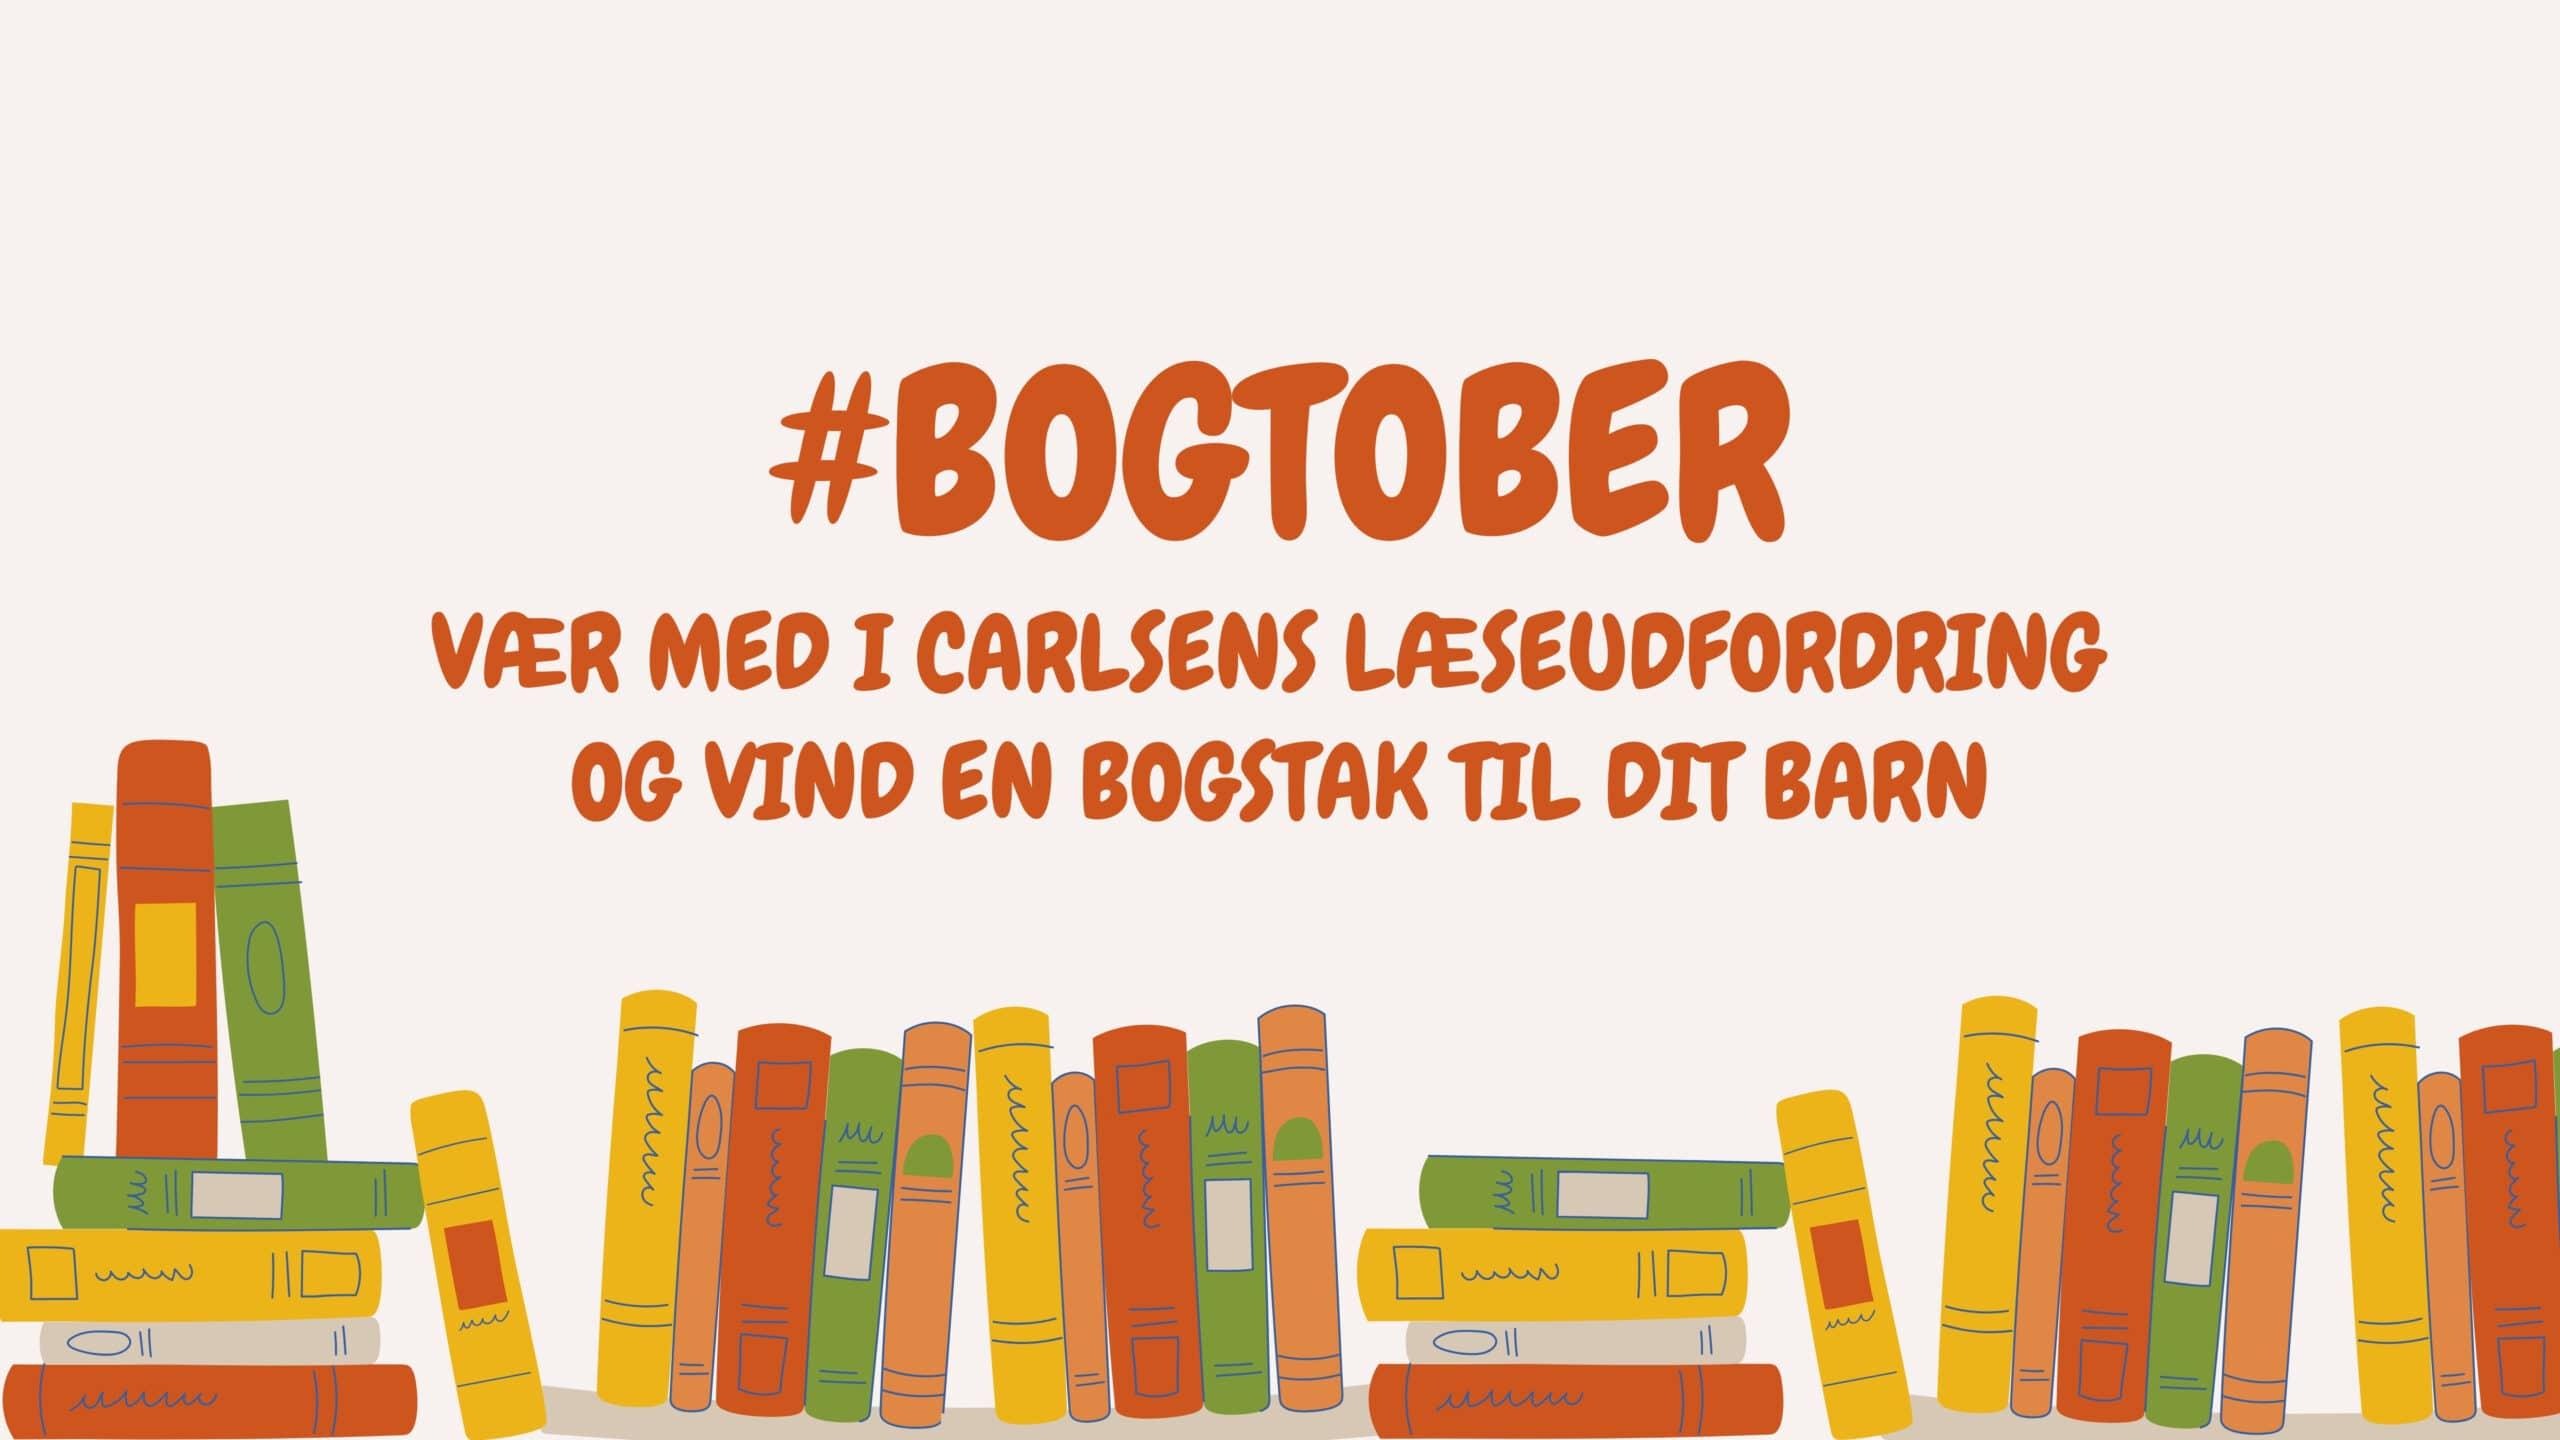 #bogtober, carlsen, gode børnebøger, borneboger